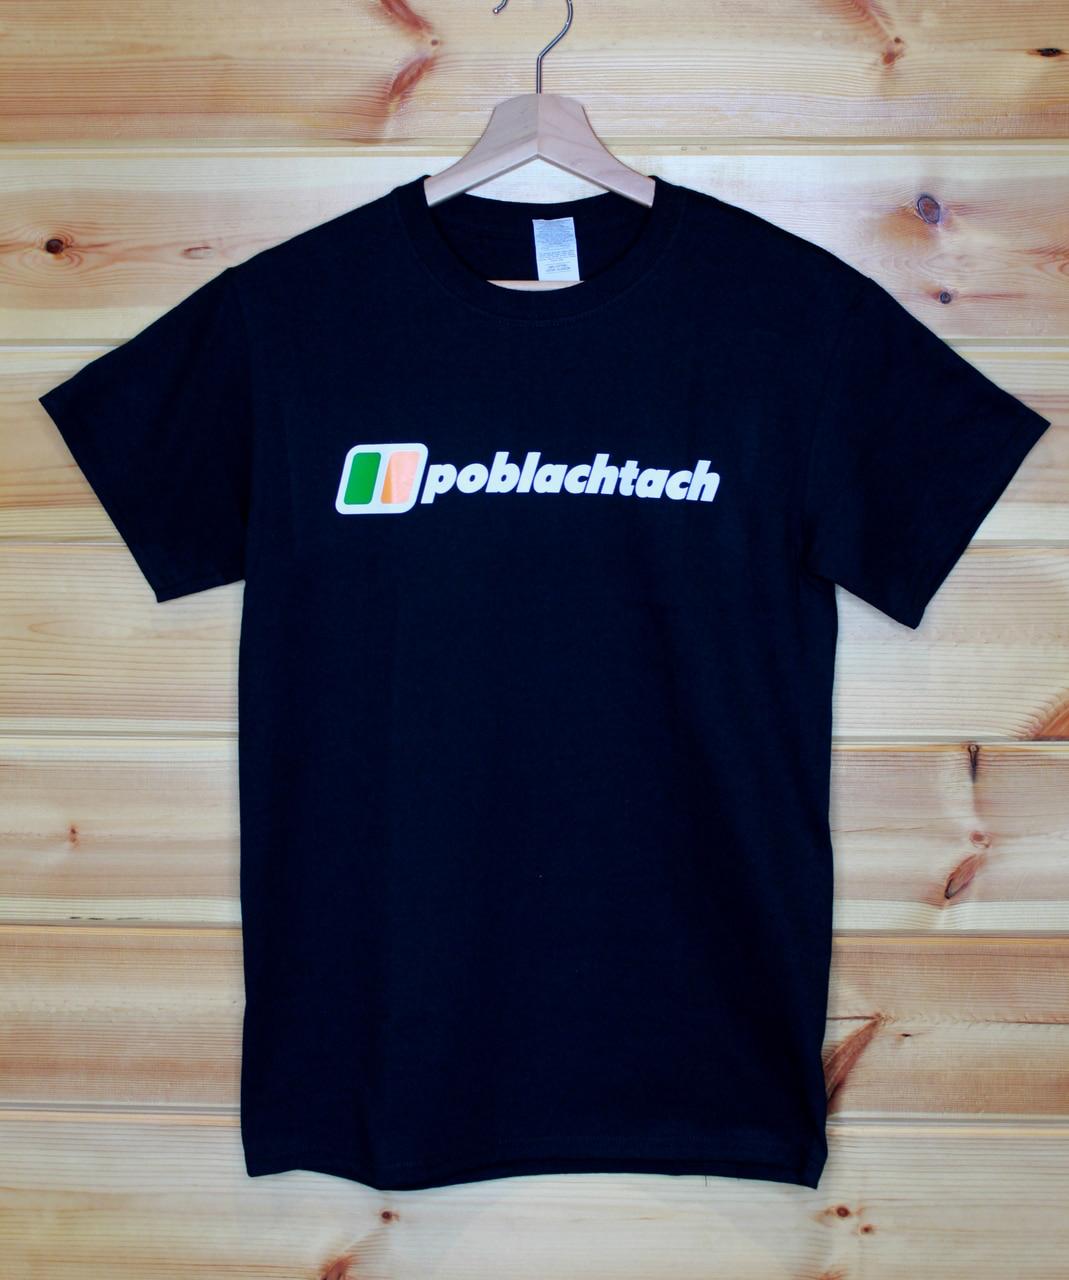 Poblachtach T-Shirt